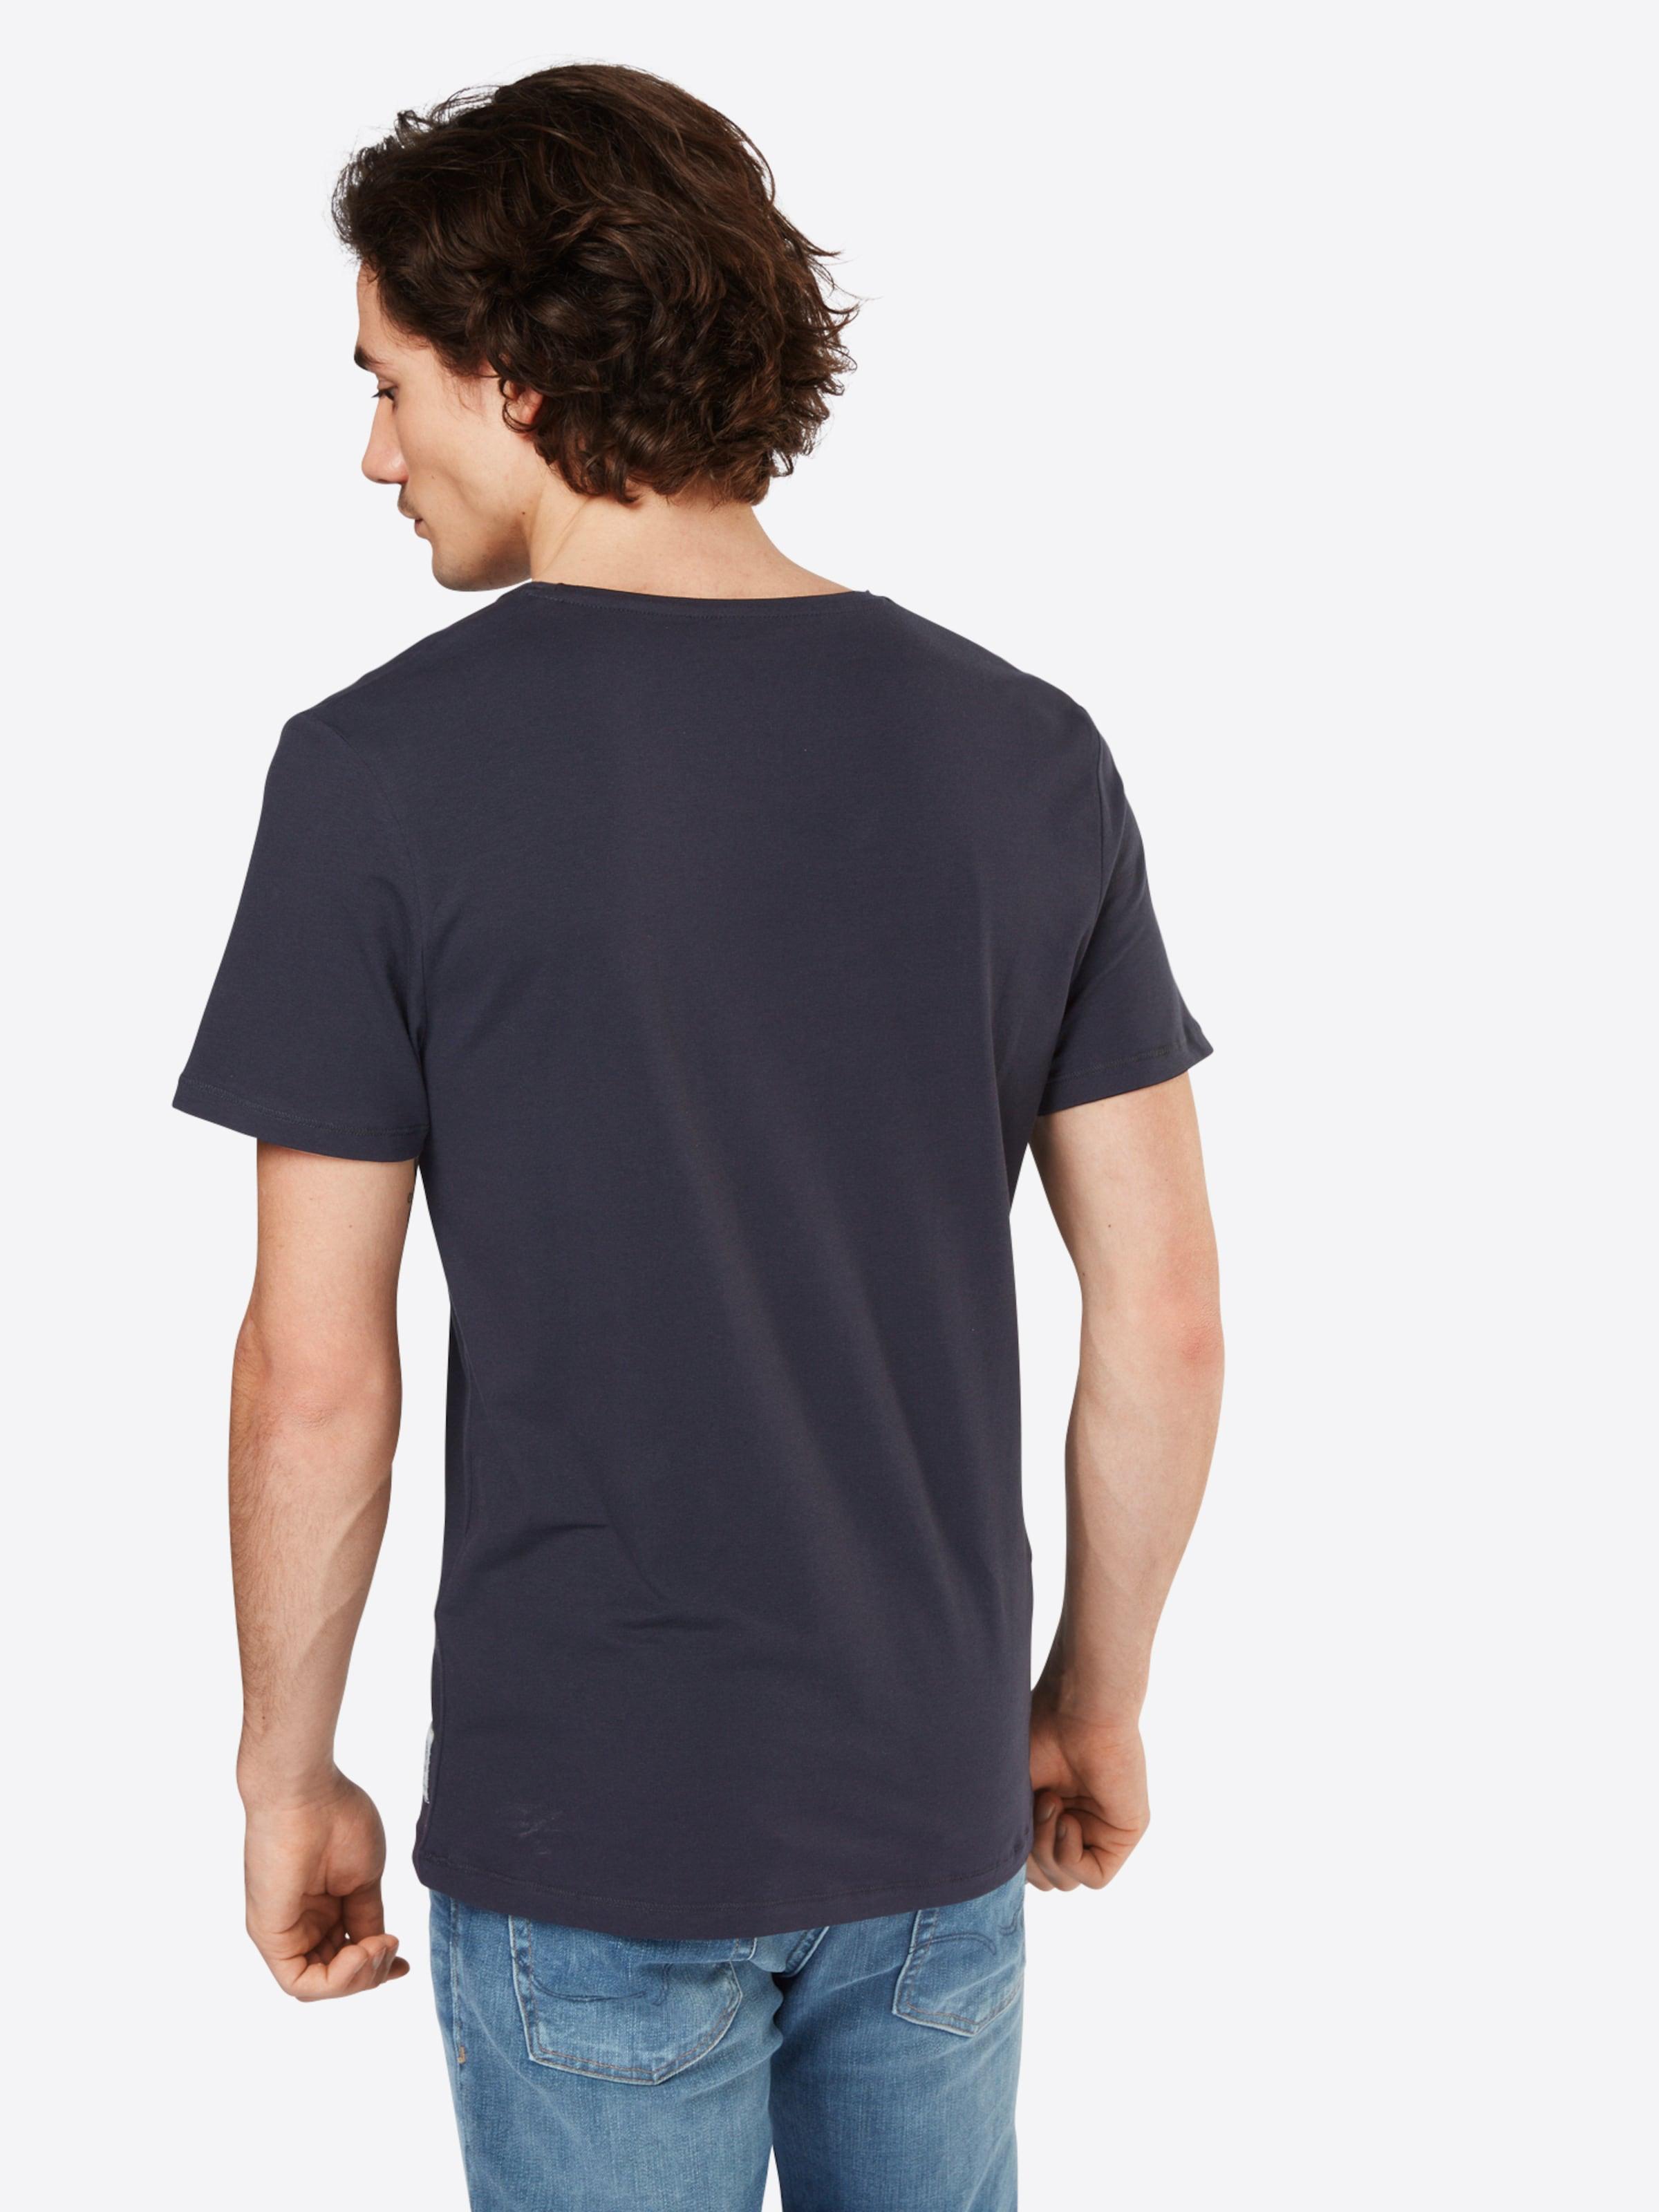 Bestbewertet TOM TAILOR T-Shirt mit Brusttasche Exklusiv Günstig Online Erscheinungsdaten Authentisch LtBRs